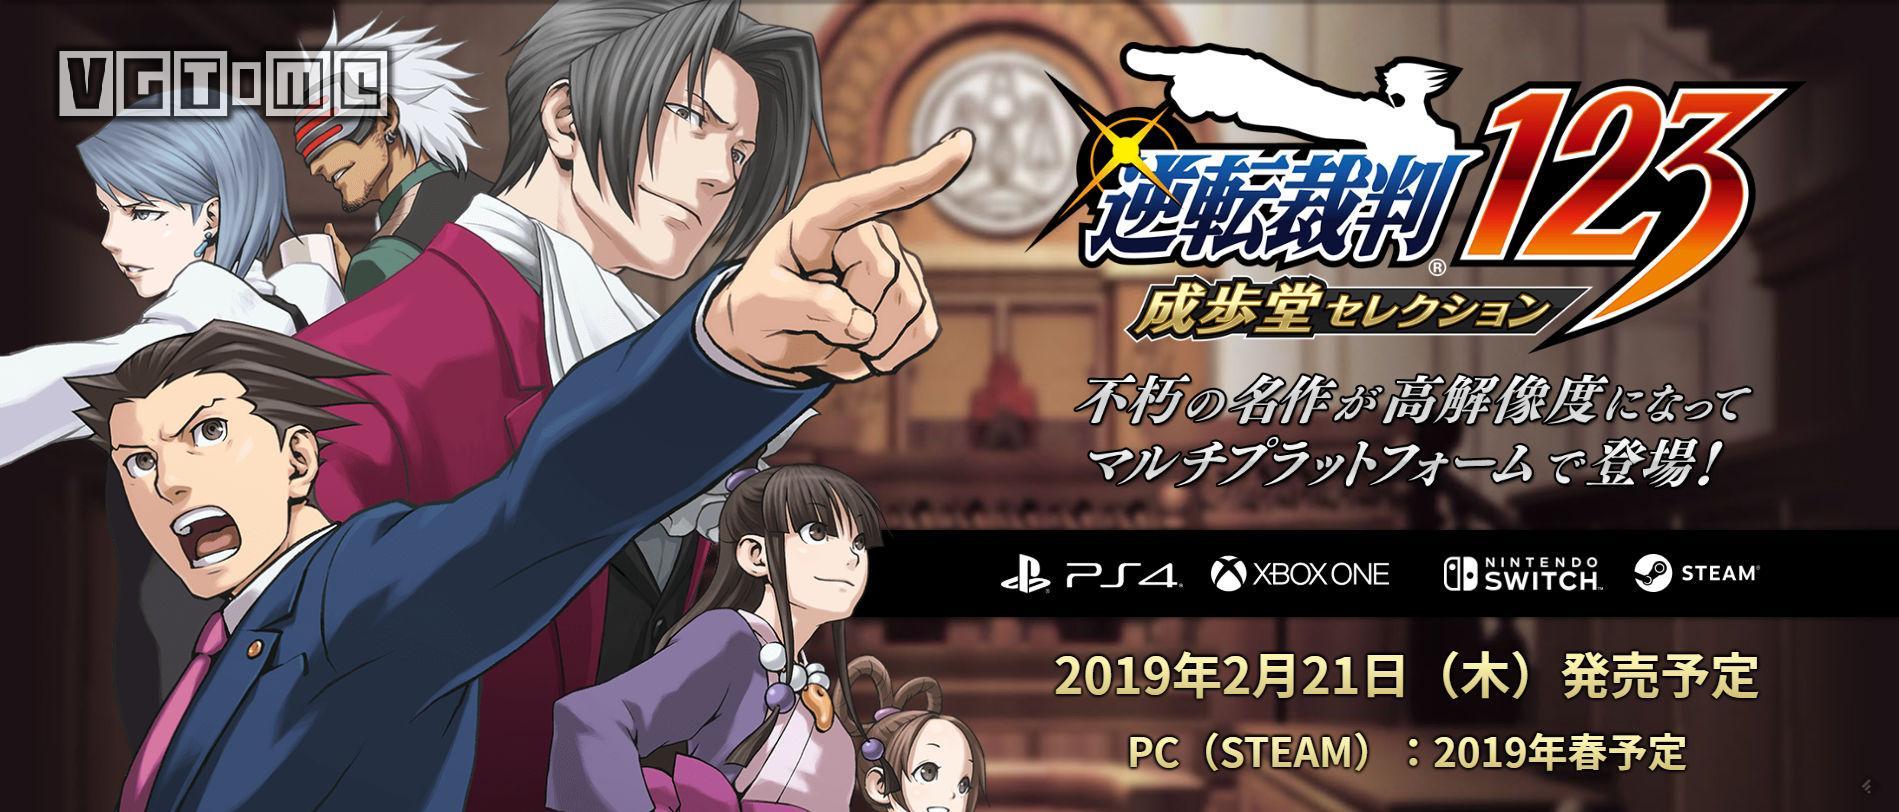 《逆转裁判123 成步堂选集》将于2019年2月21日发售_逆转裁判成步堂妻子